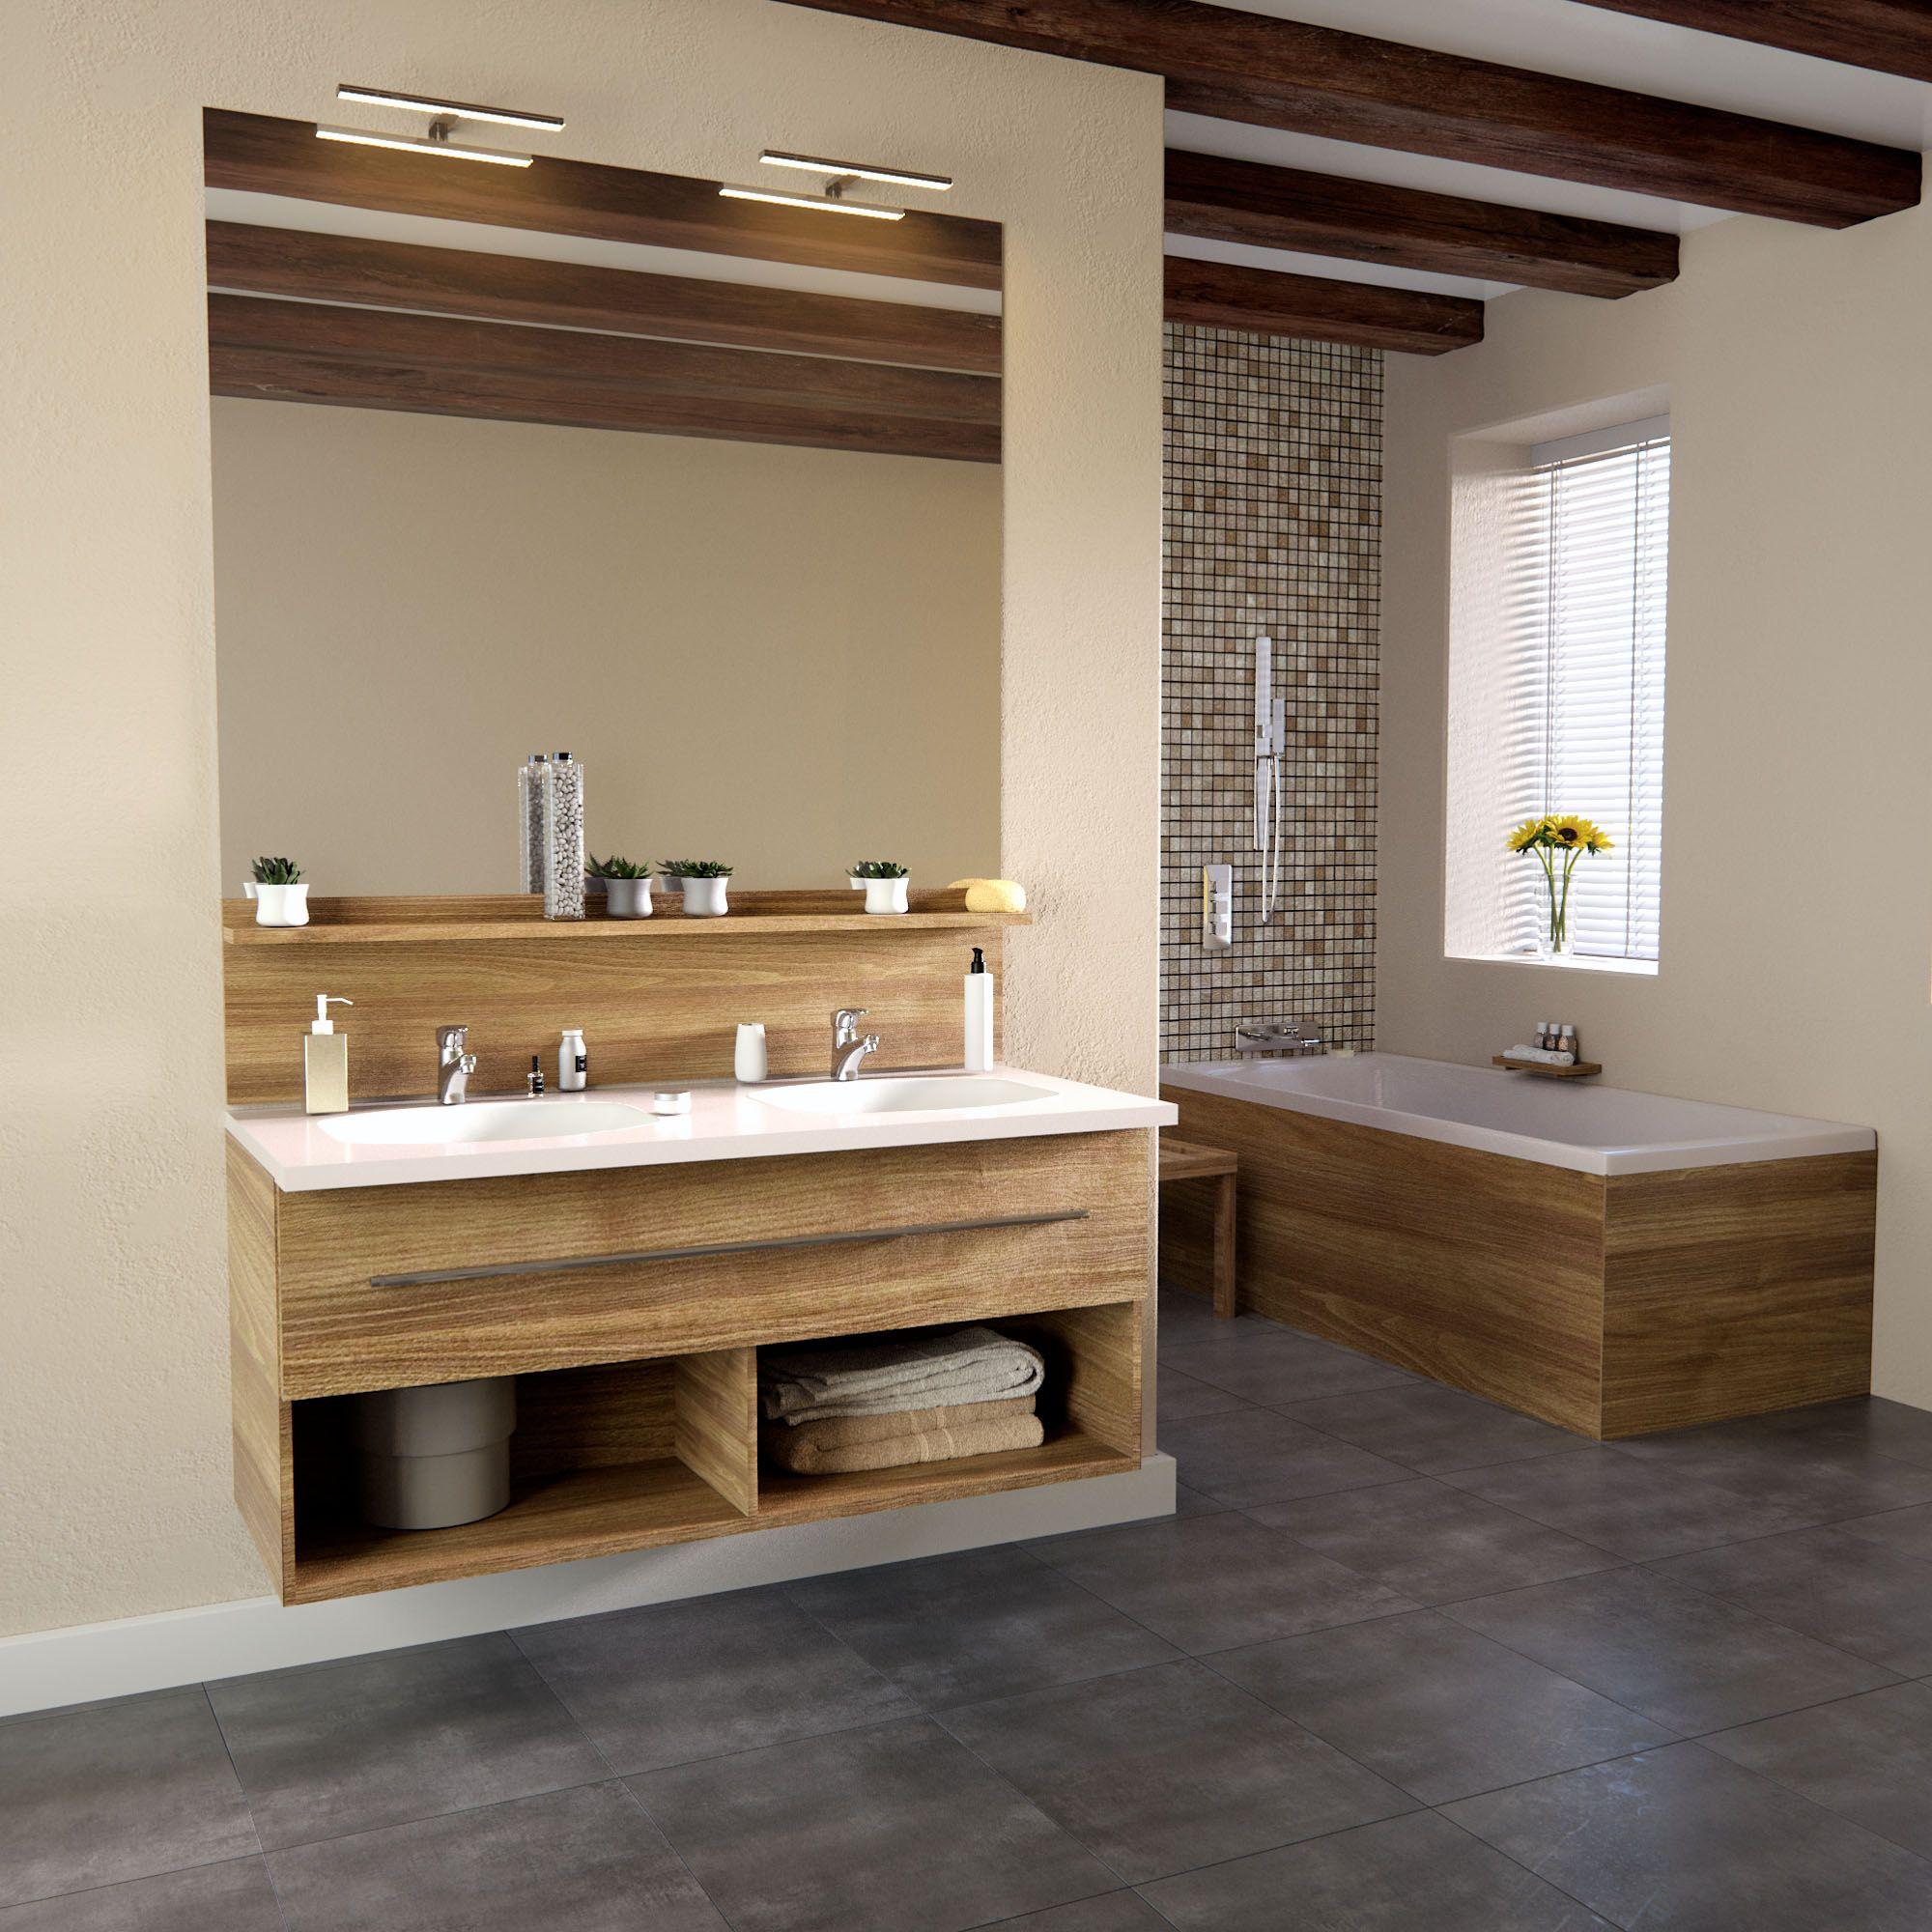 credence salle de bain bois id e pour cuisine. Black Bedroom Furniture Sets. Home Design Ideas